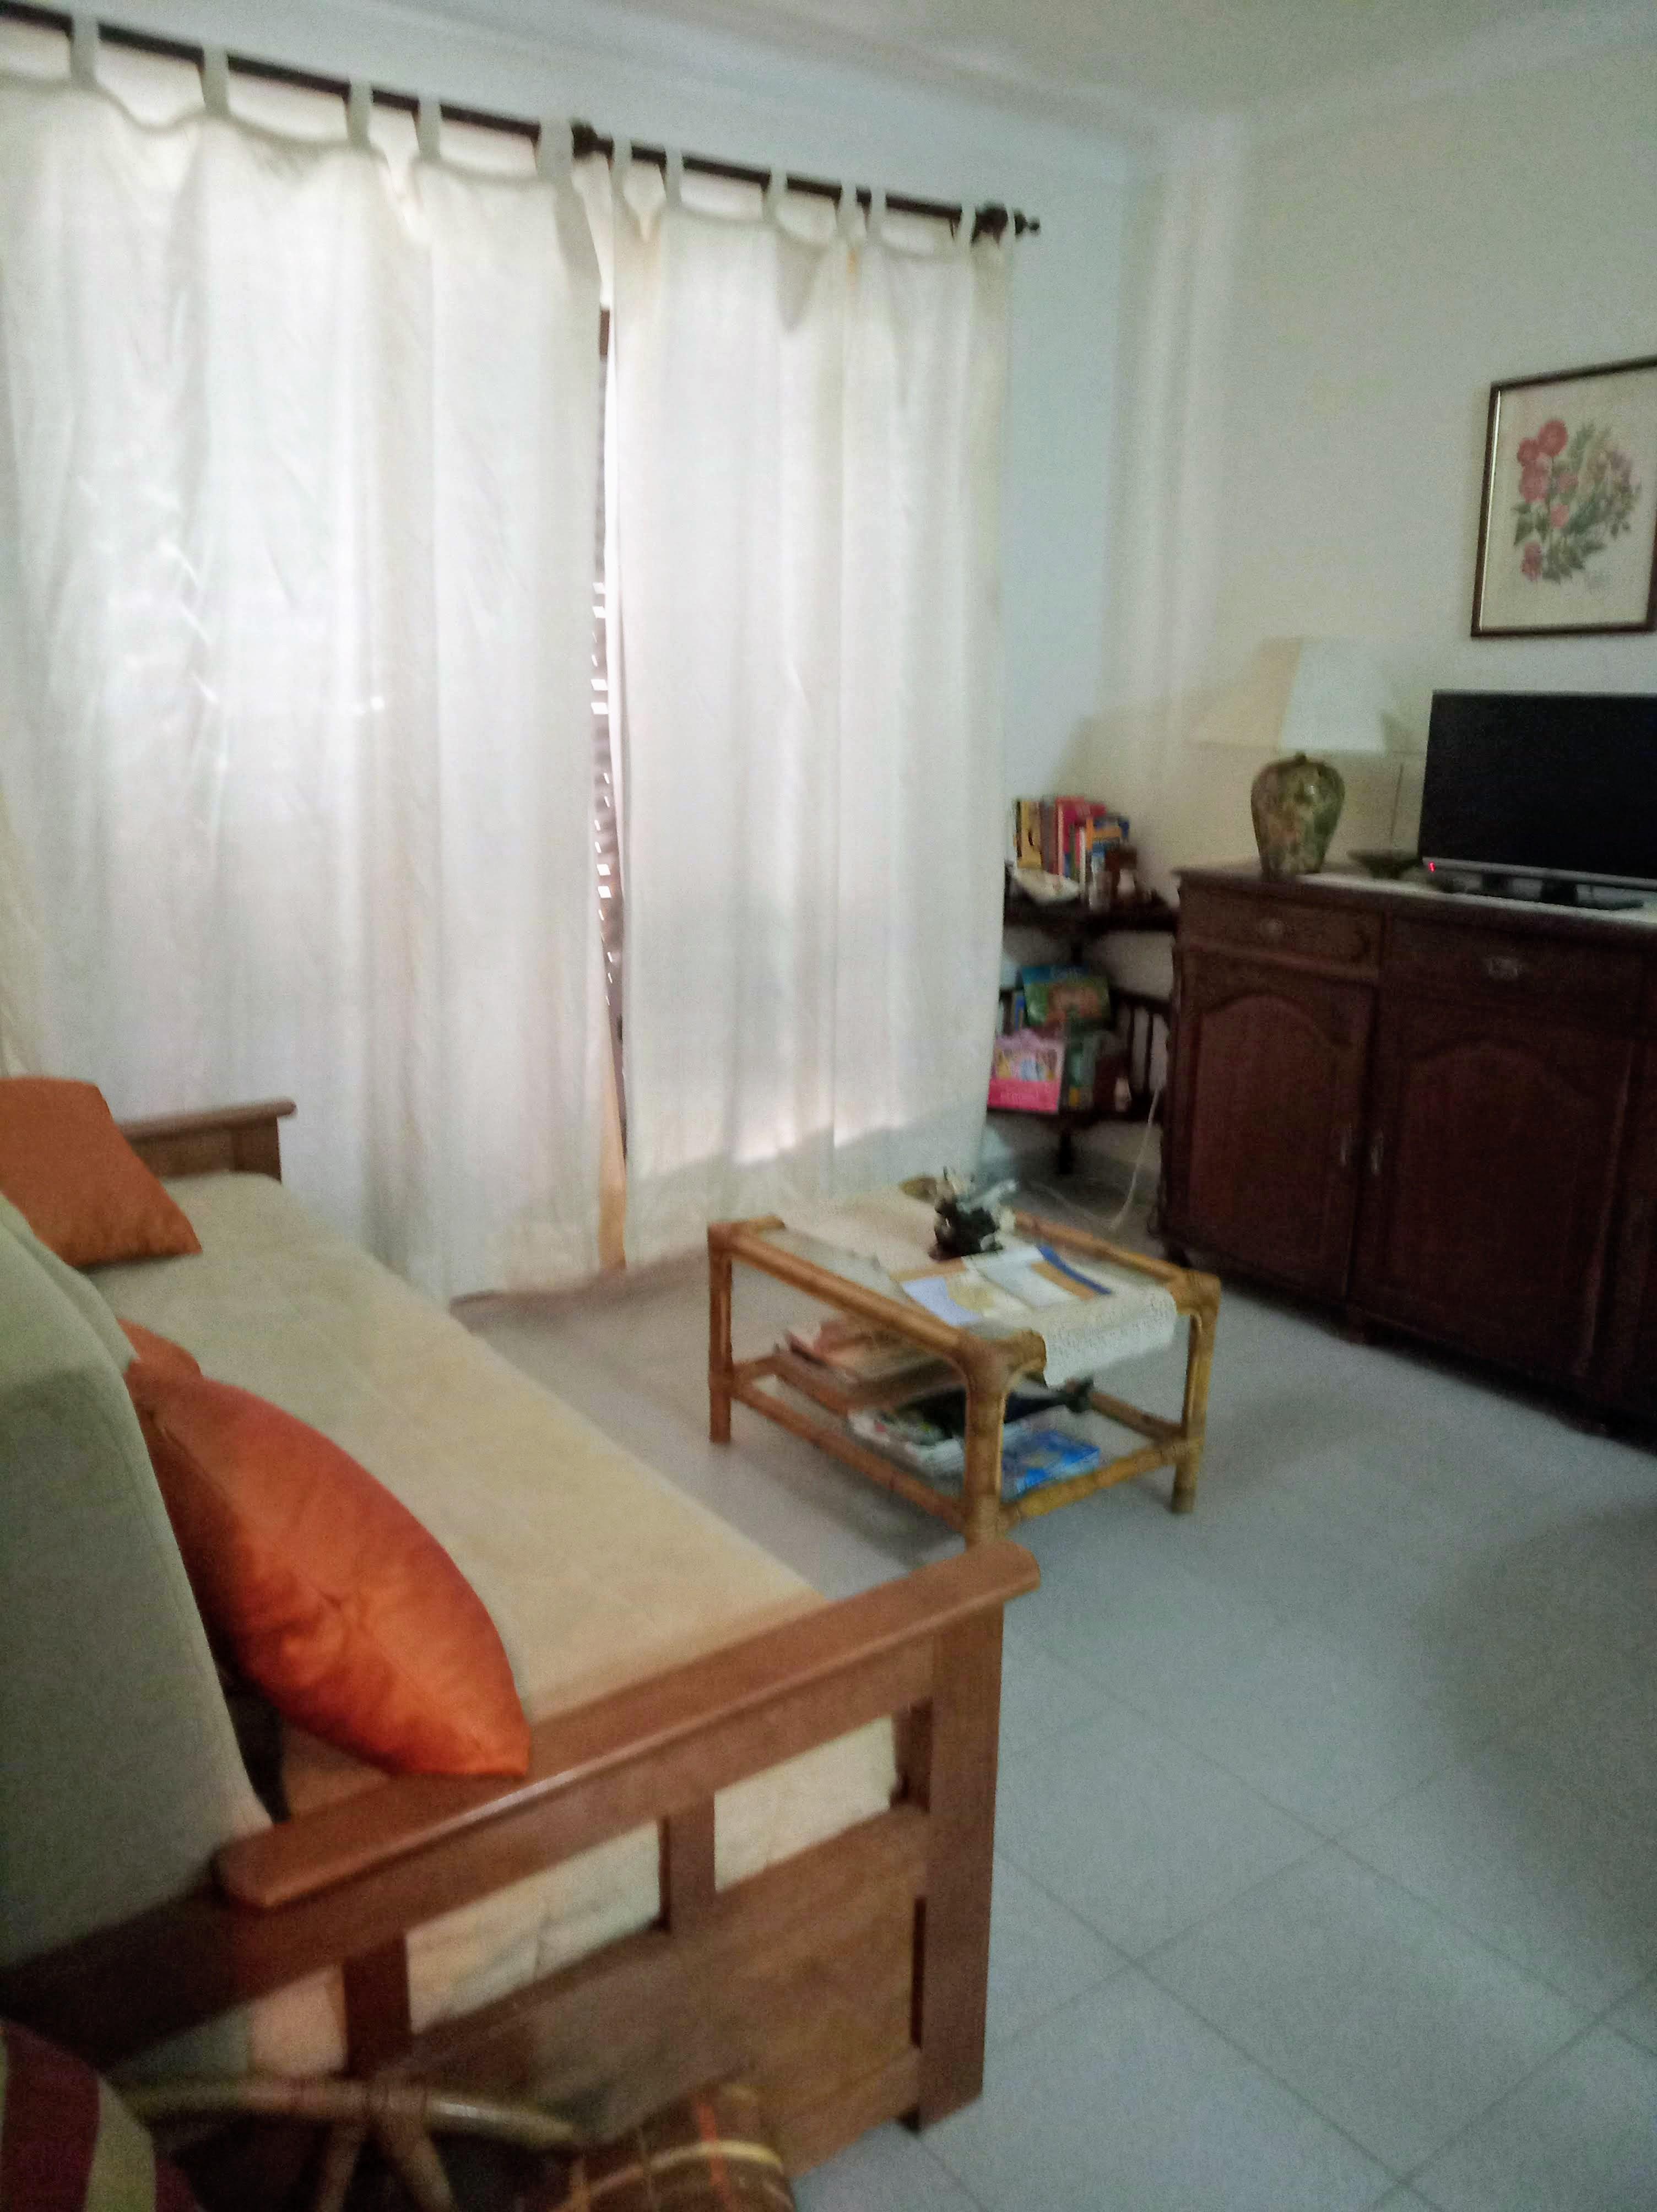 Location appartements et villas de vacance, Apartamento Mar-Colina-Sol à Carvoeiro, Portugal Algarve, REF_IMG_12968_12997